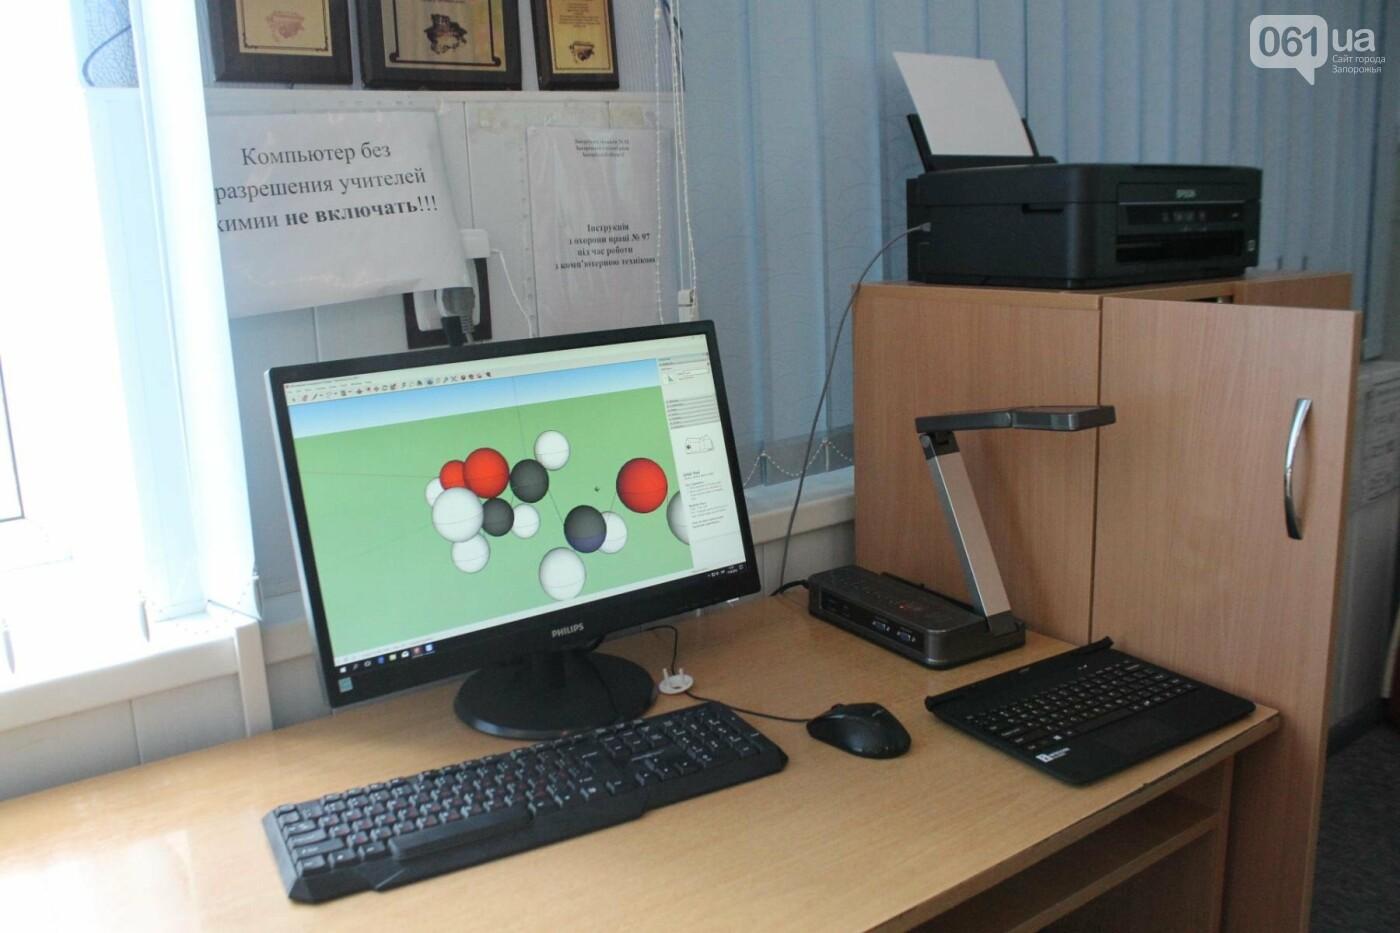 Одна из лучших школ Запорожья получила помощь от народного депутата Петра Сабашука: в гимназии №11 купили новую технику для нескольких каби..., фото-3